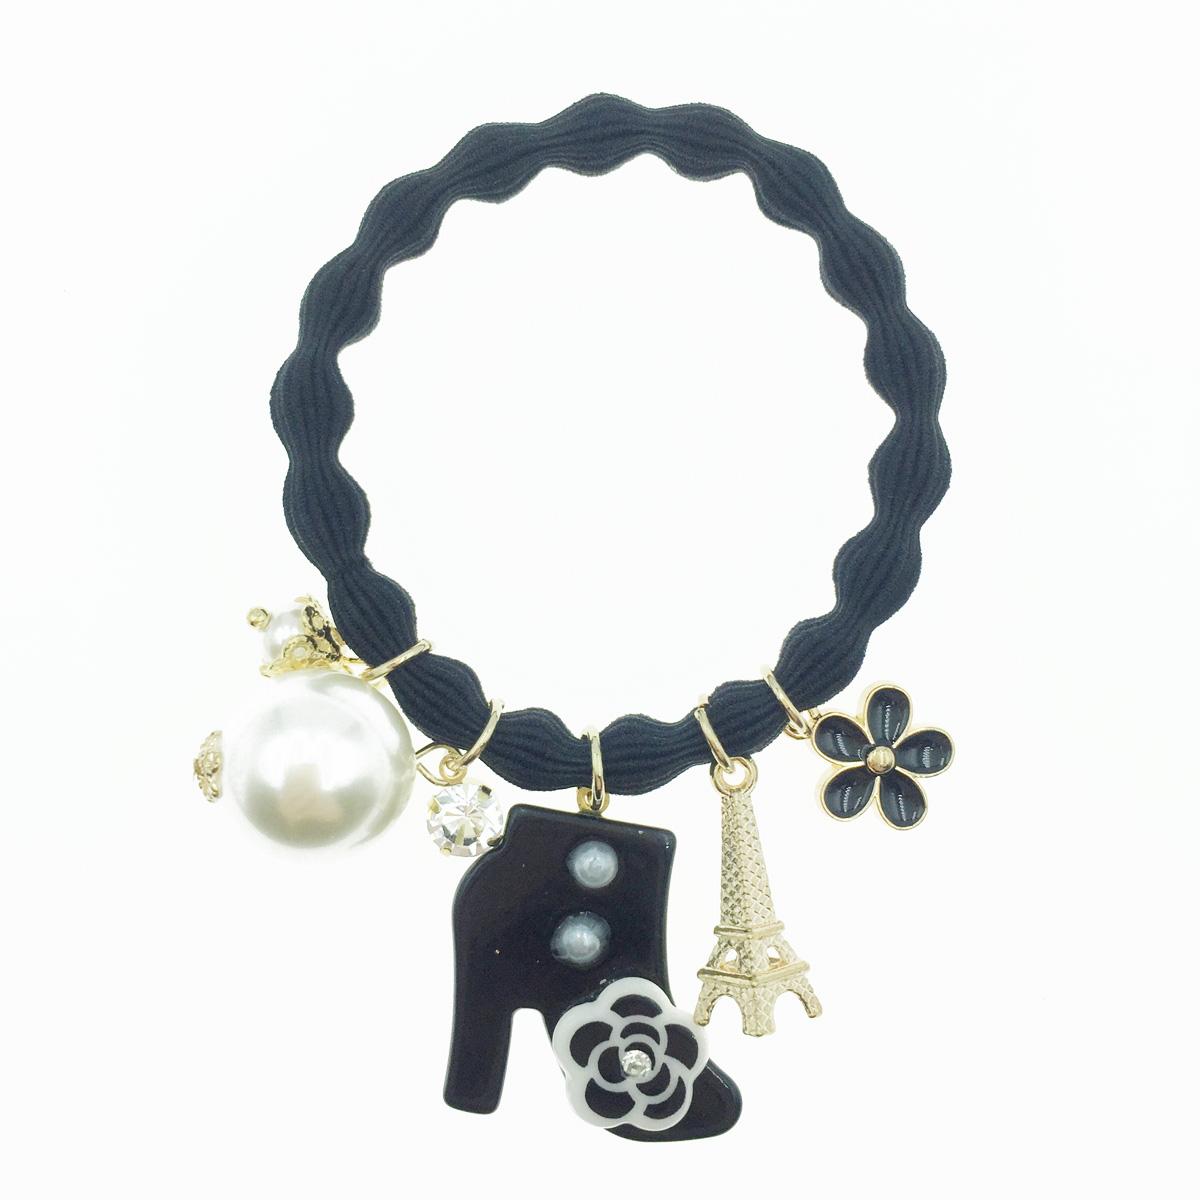 韓國 小香風 靴子 鐵塔 花朵 珍珠水鑽髮束